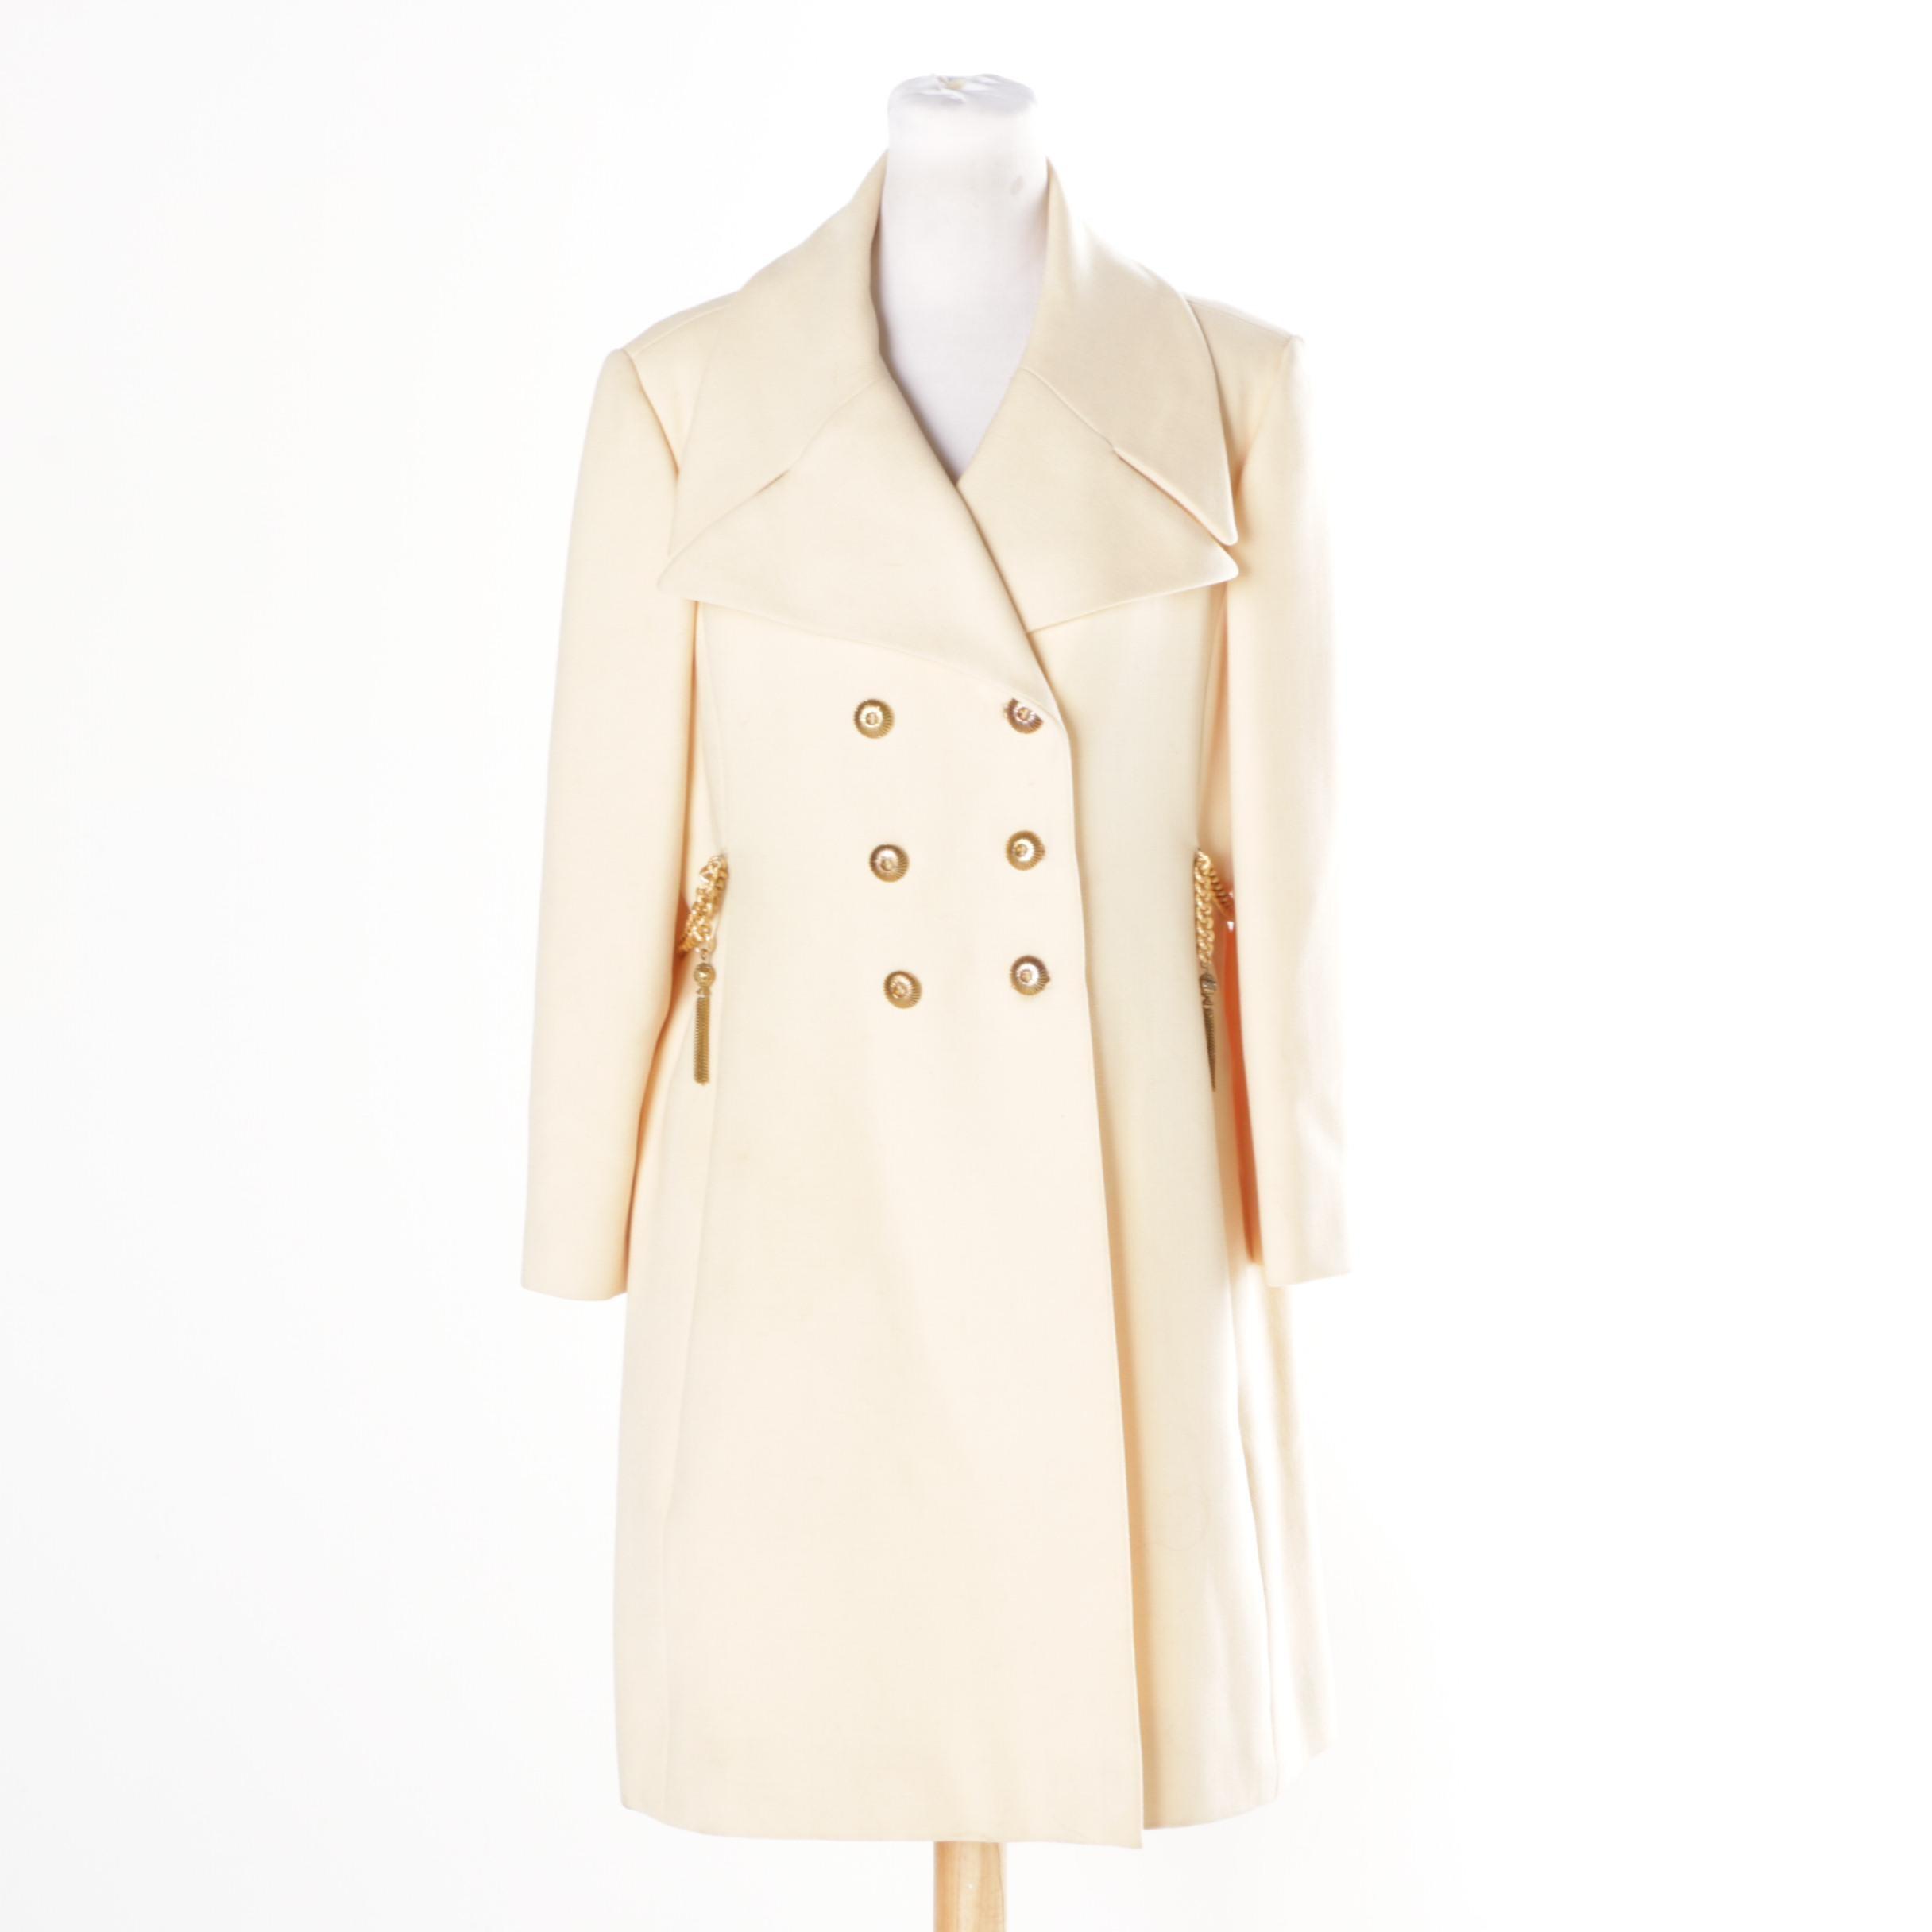 Women's Vintage Coat